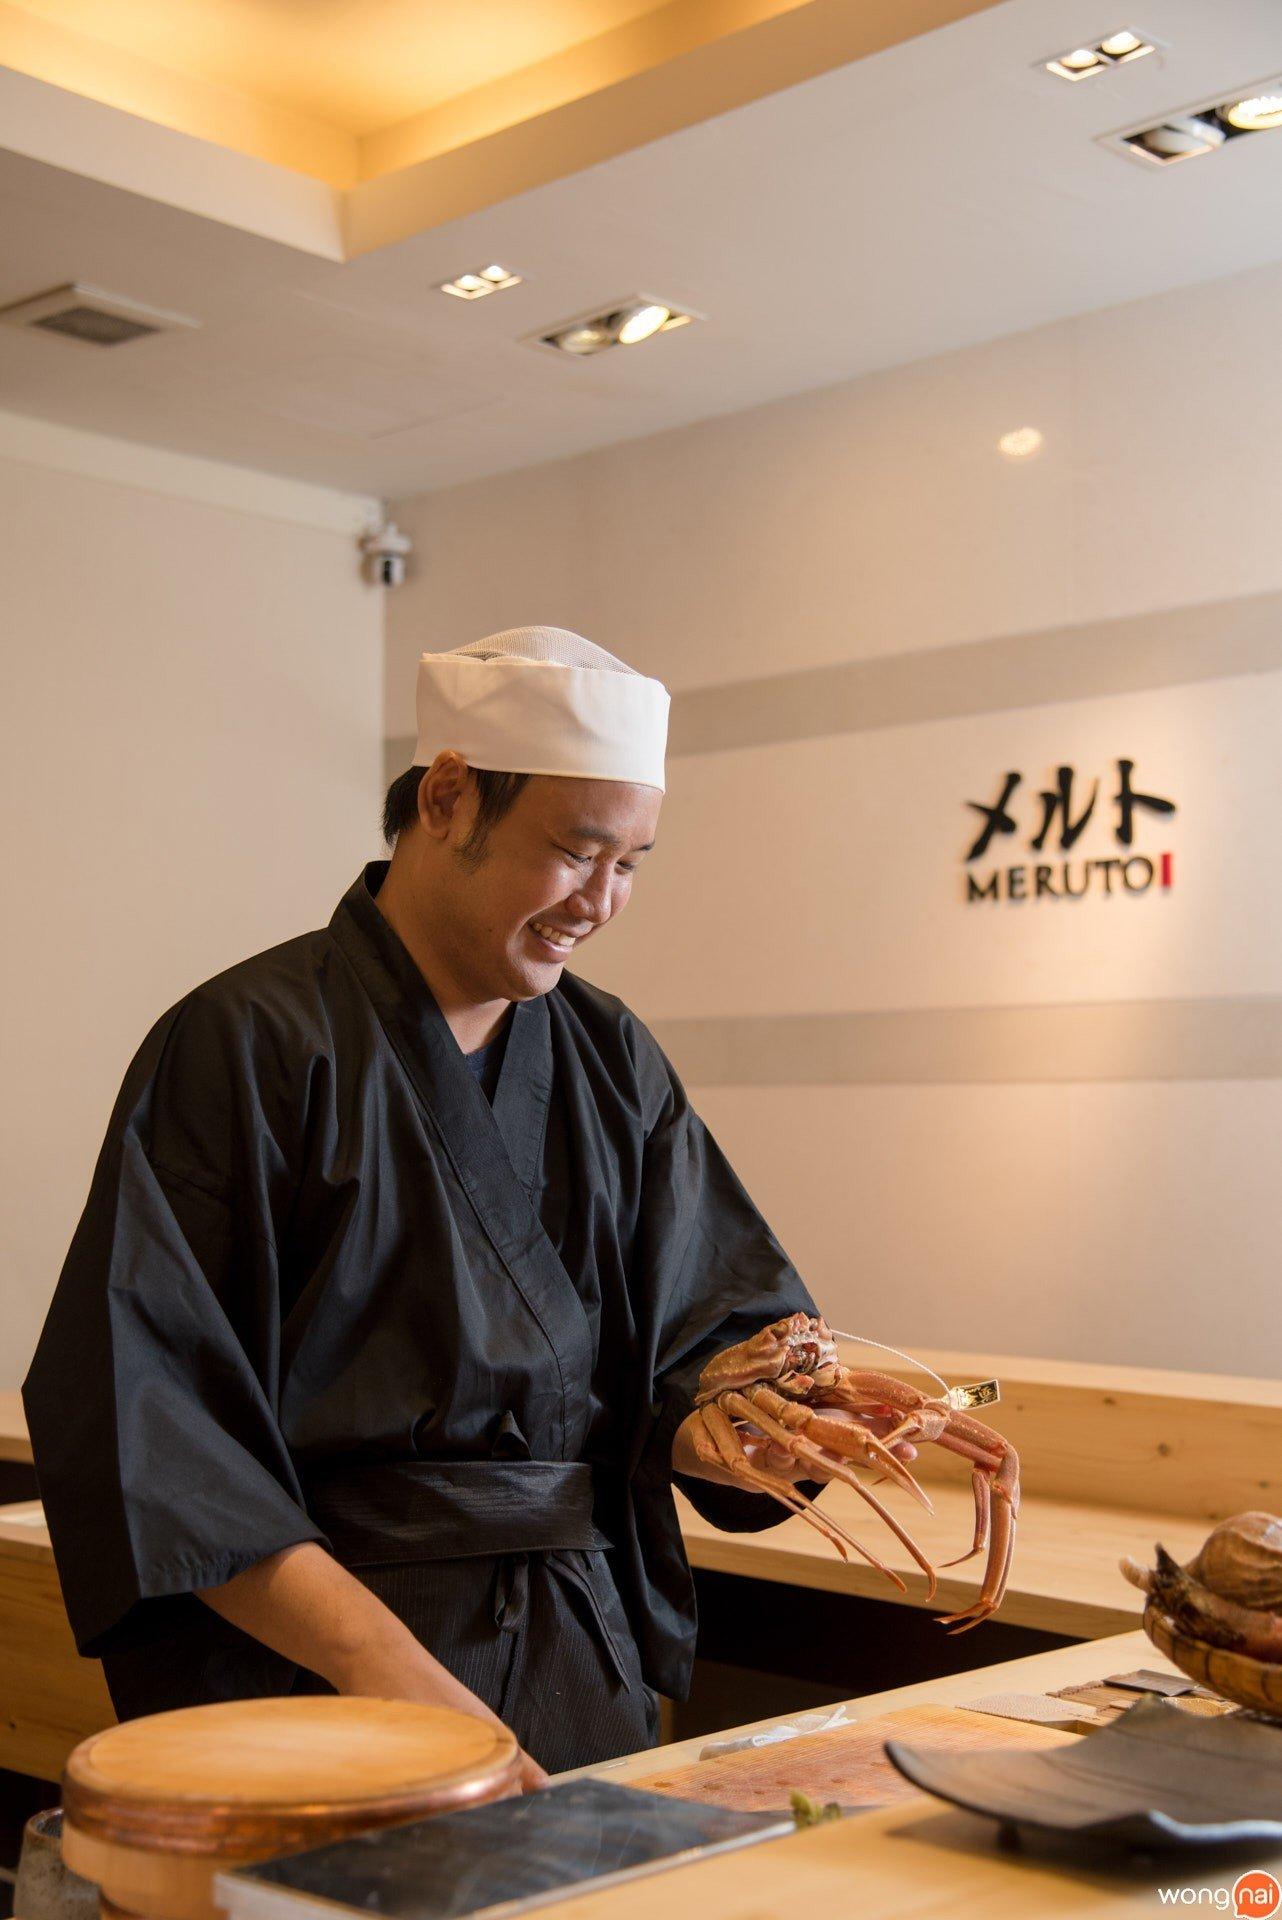 """บทสัมภาษณ์ของ """"เชฟอาร์ม - กีรติ บุตคีวงษ์"""" เจ้าของร้าน """"Meruto Sushi"""""""